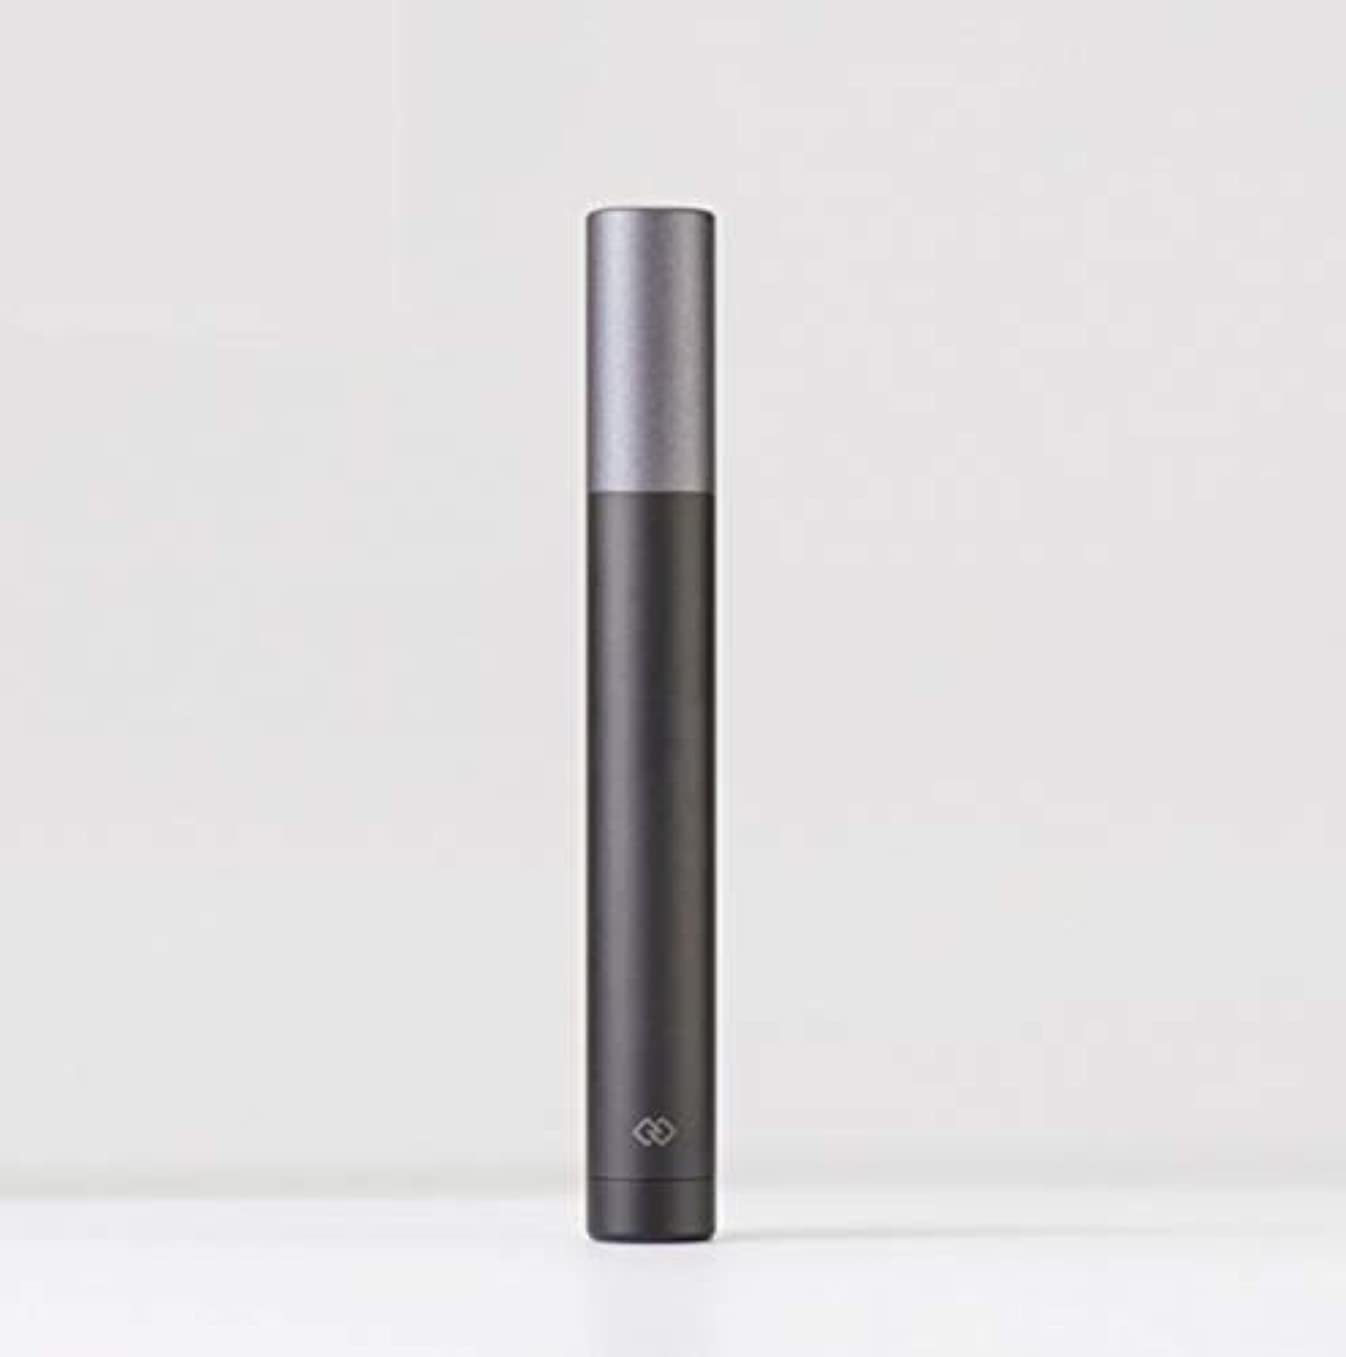 ブランド最初はブルゴーニュ工場直販 TERABOX エチケットカッター 鼻毛カッター 鼻毛抜く 鼻毛処理 鼻毛はさみ 携帯便利 極小サイズ 防水 男女適用する